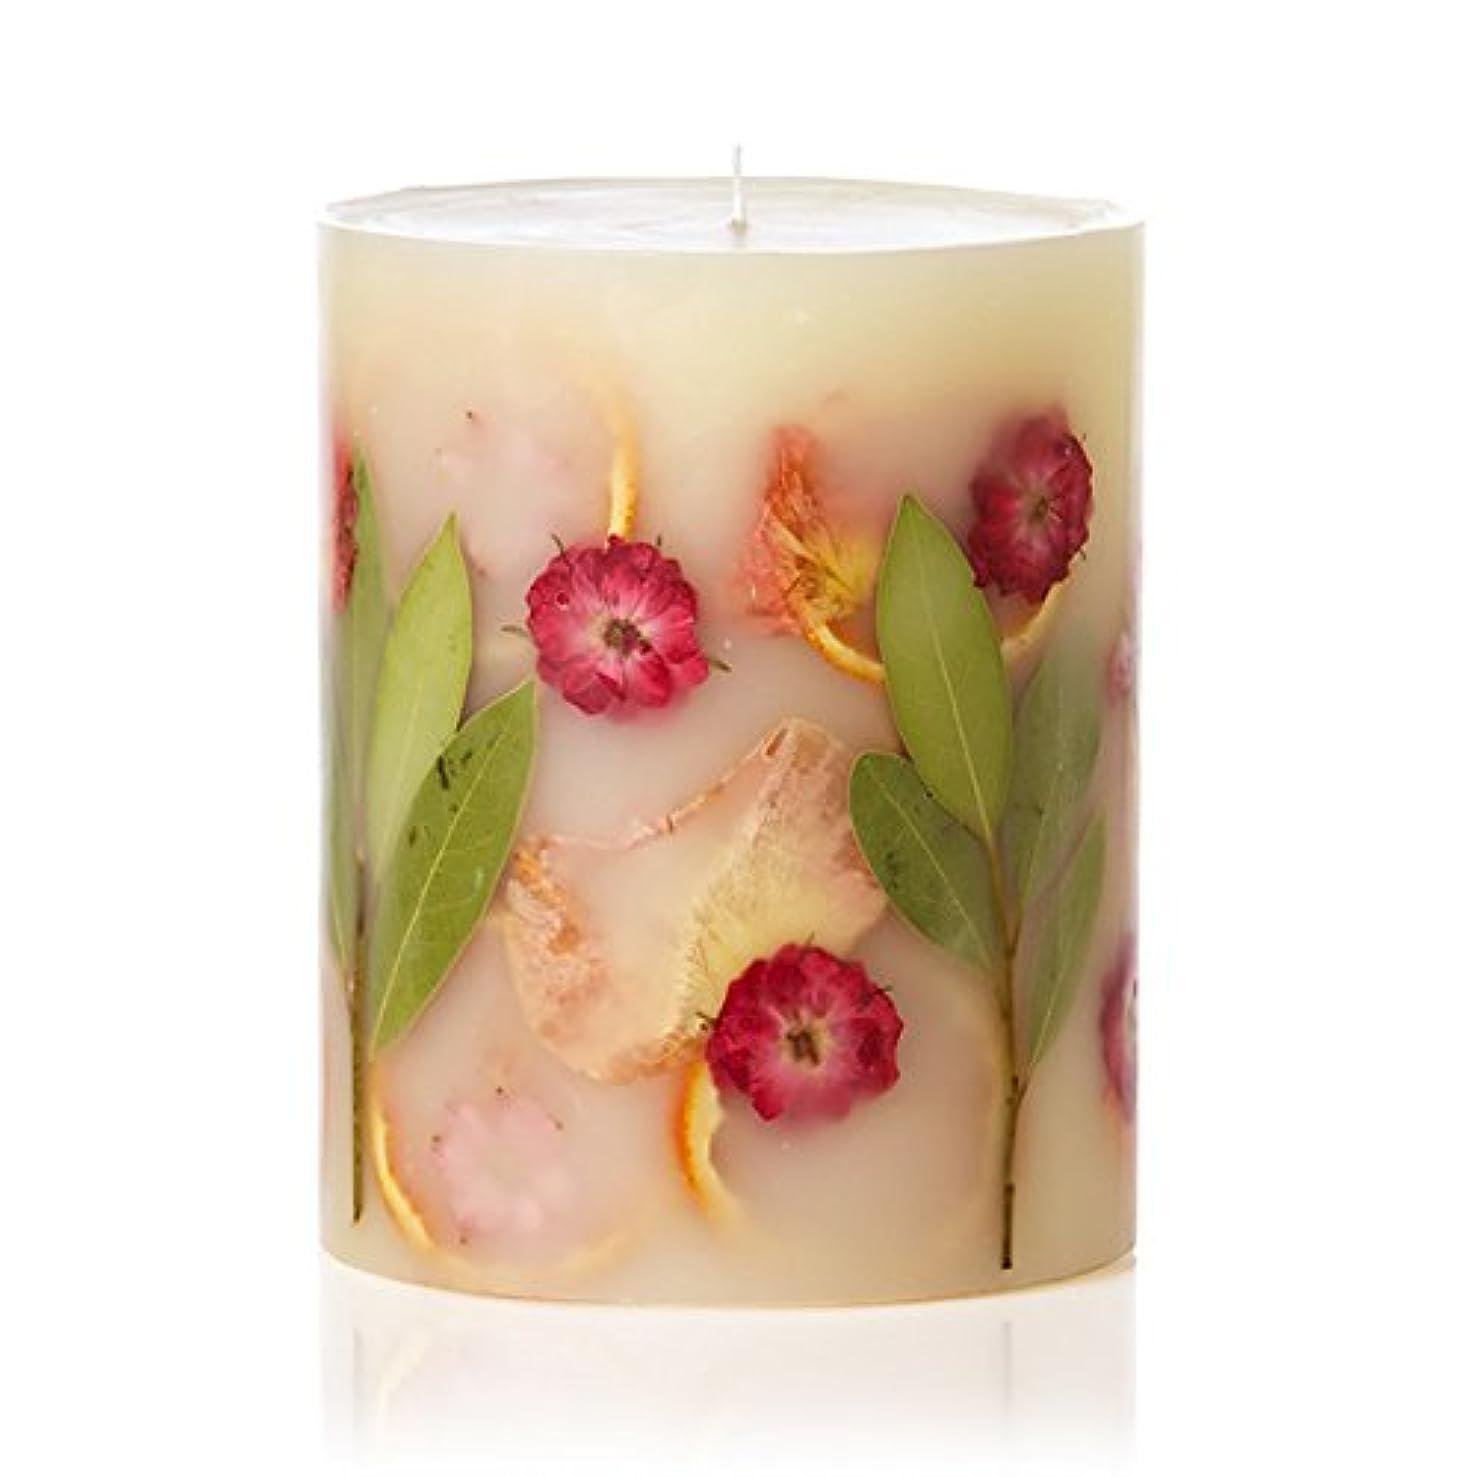 上院議員光の問い合わせロージーリングス ボタニカルキャンドル トールラウンド ピオニー&ポメロ ROSY RINGS Round Botanical CandleTall Round Peony & Pomelo